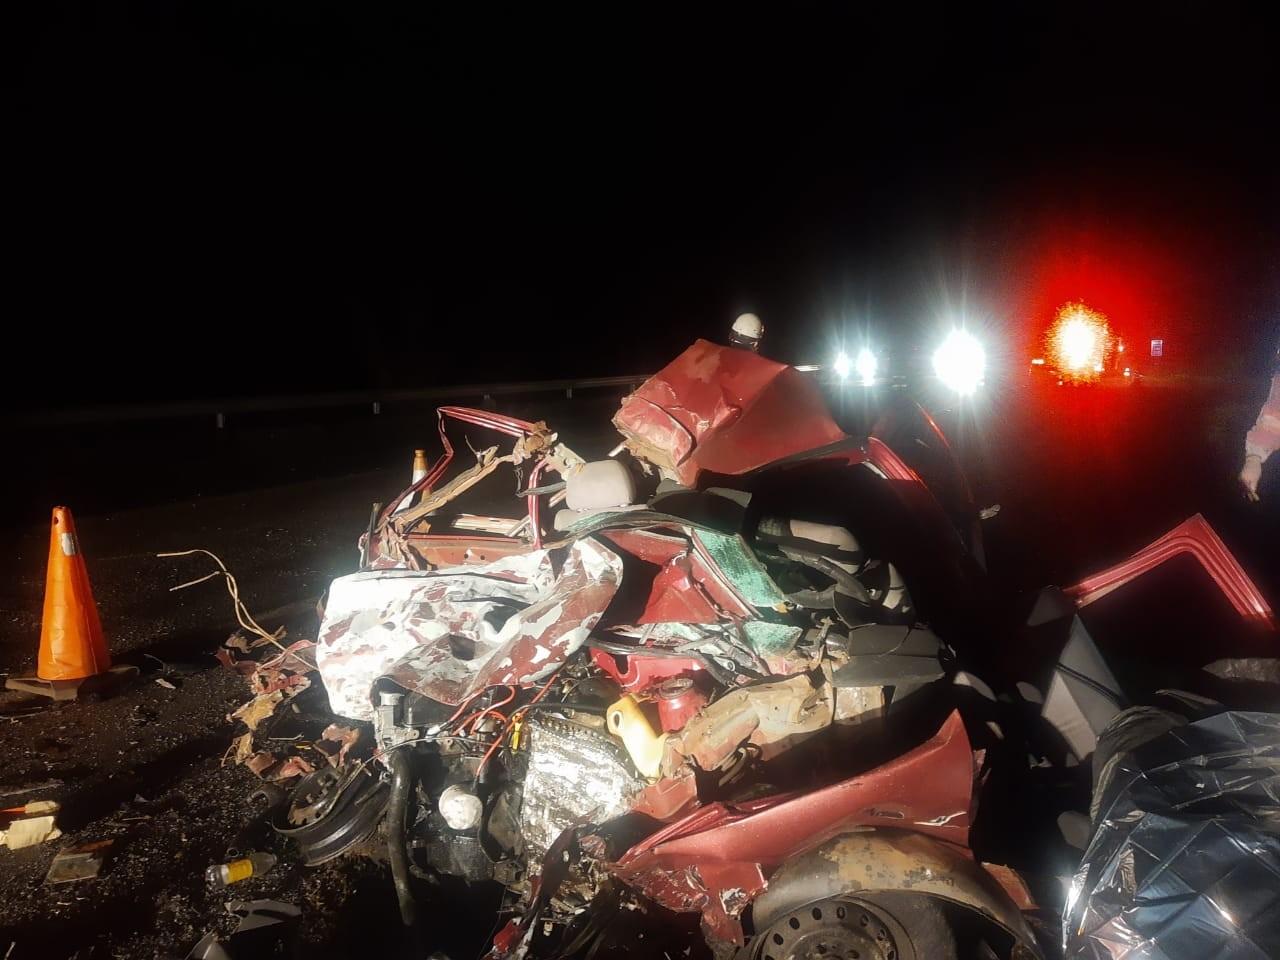 Motorista morre e carro fica destruído após colisão com caminhão na BR-153 em Guaimbê